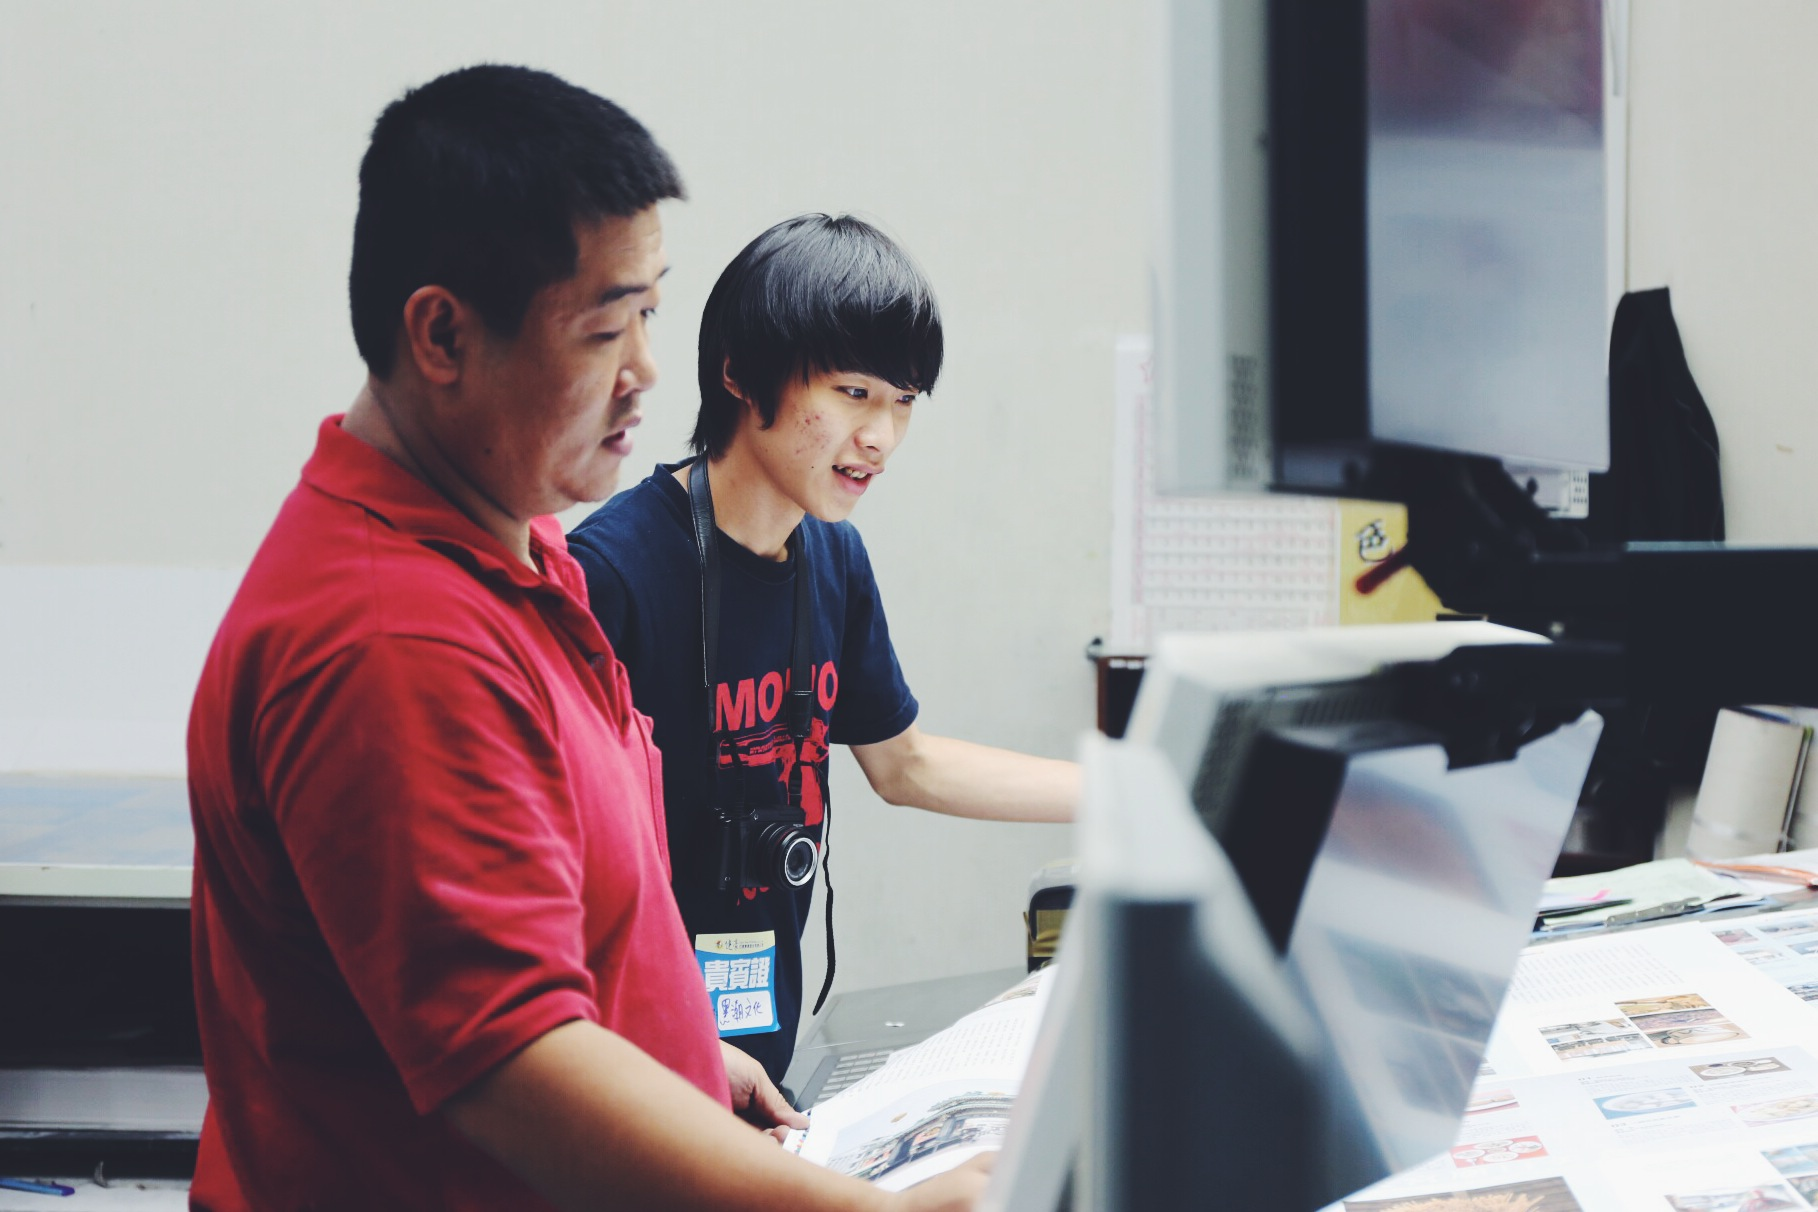 編輯哲寧正在印刷廠看印《藍鯨》的內頁。